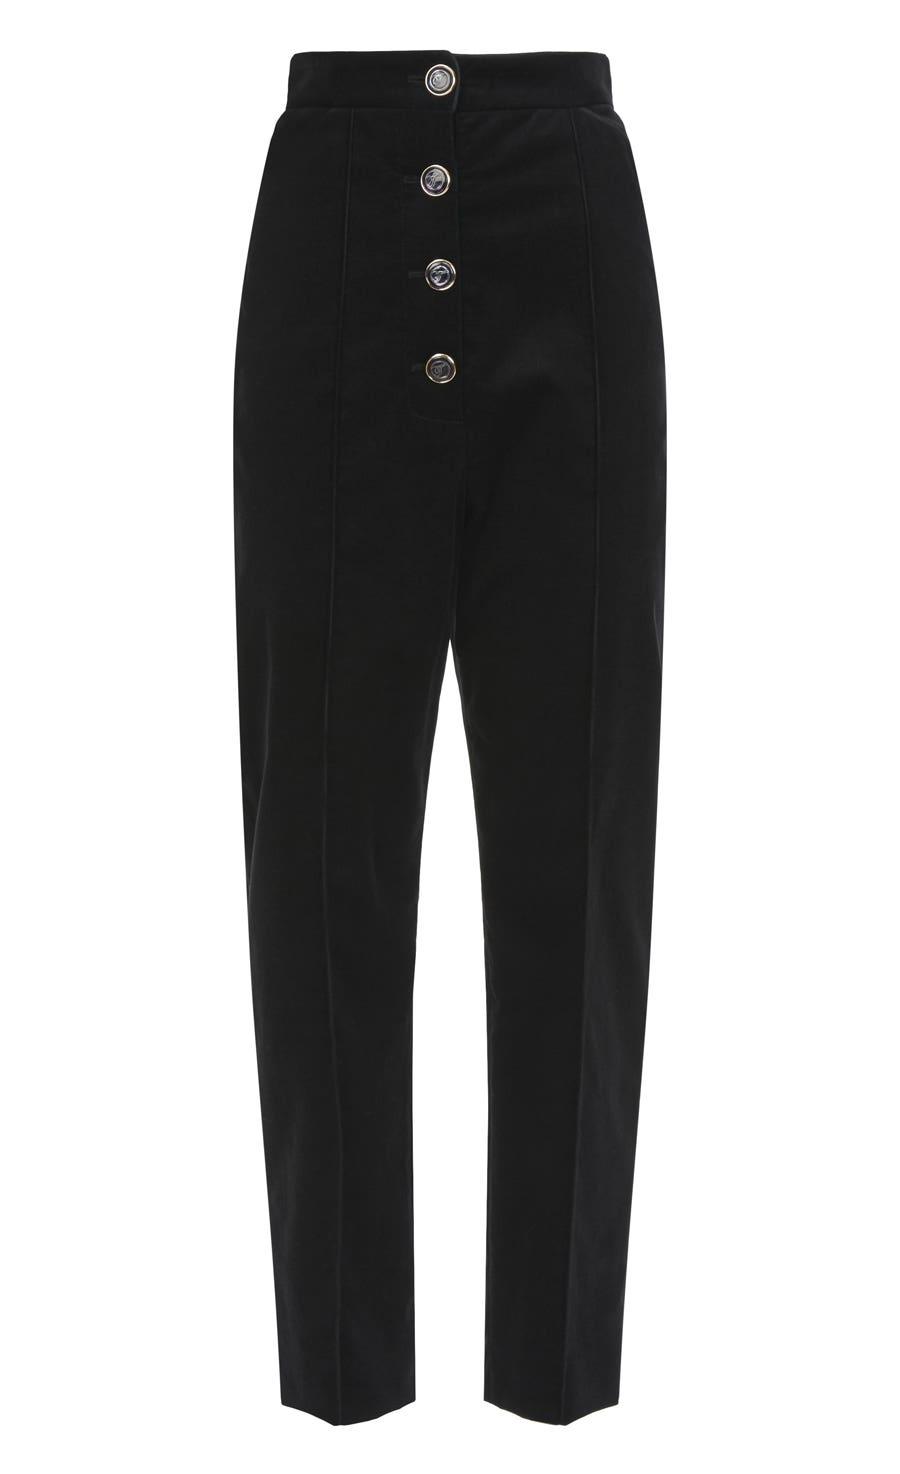 Papillon Tailoring Trousers, Black